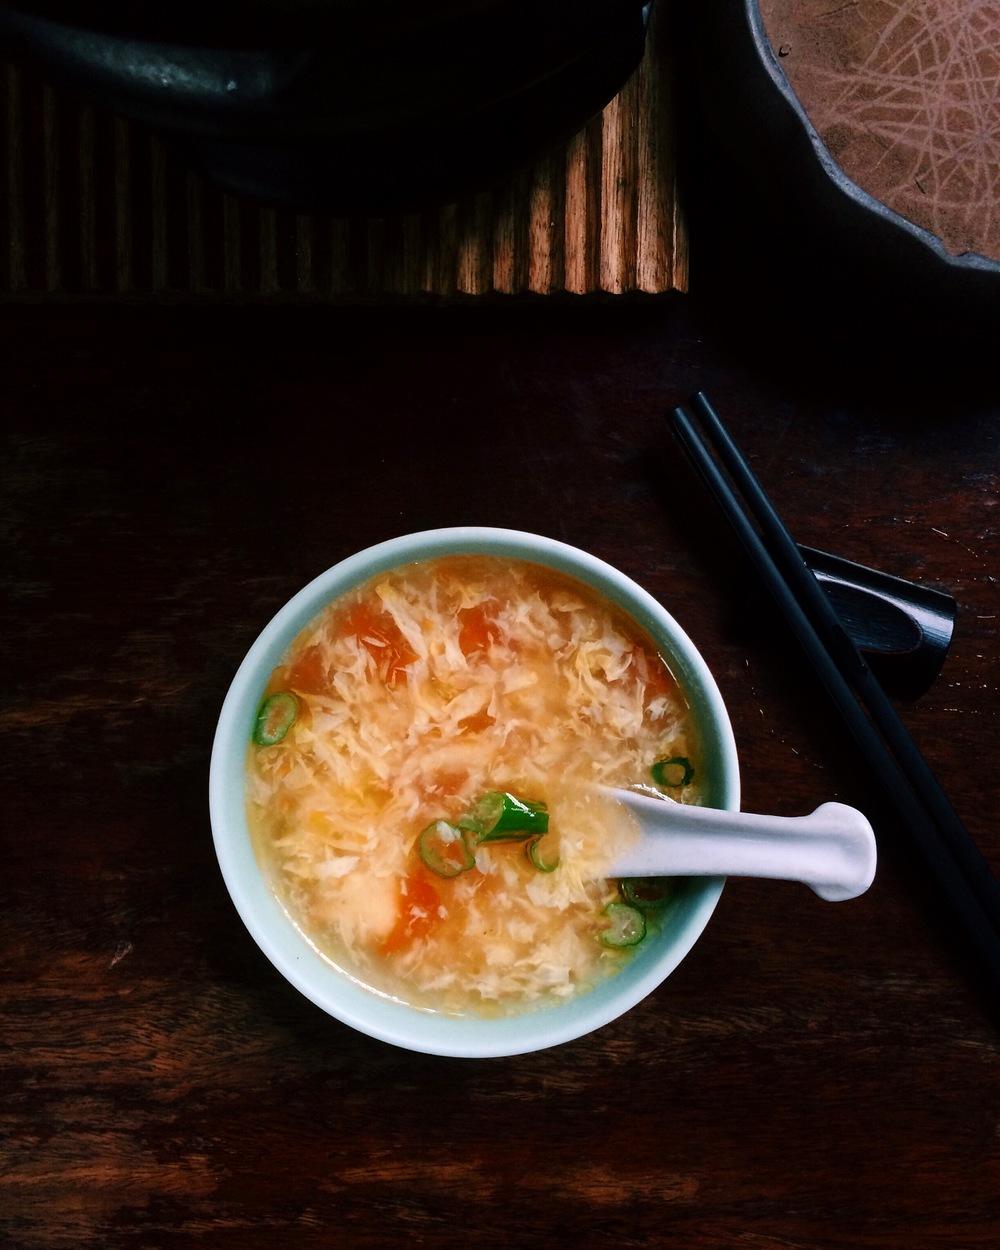 Soup at Ching Ching Cha